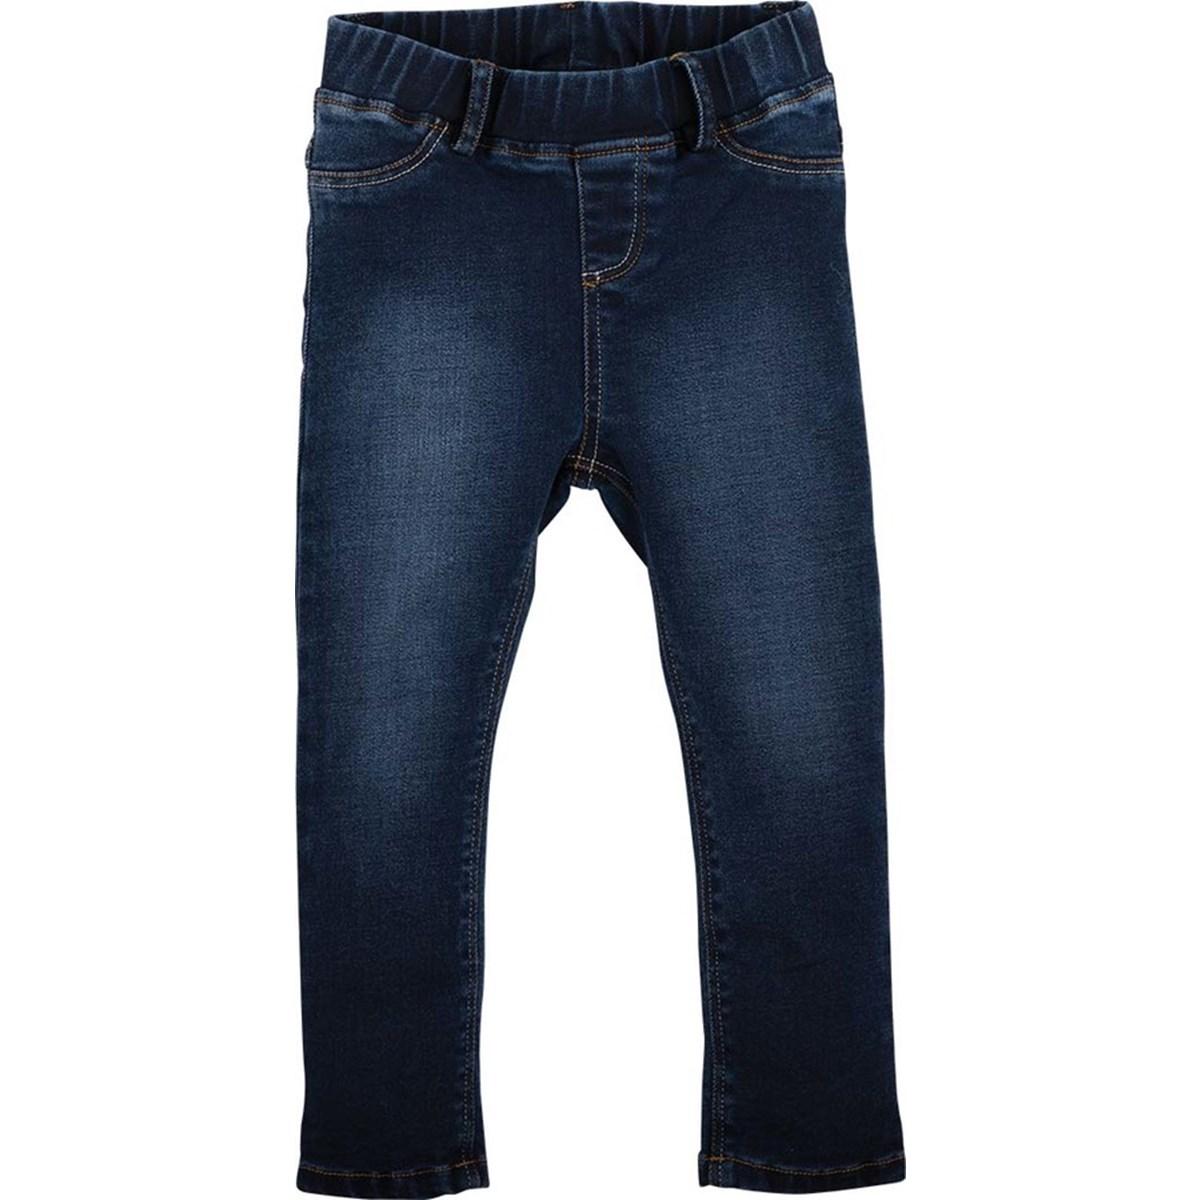 9390 Pantolon 1